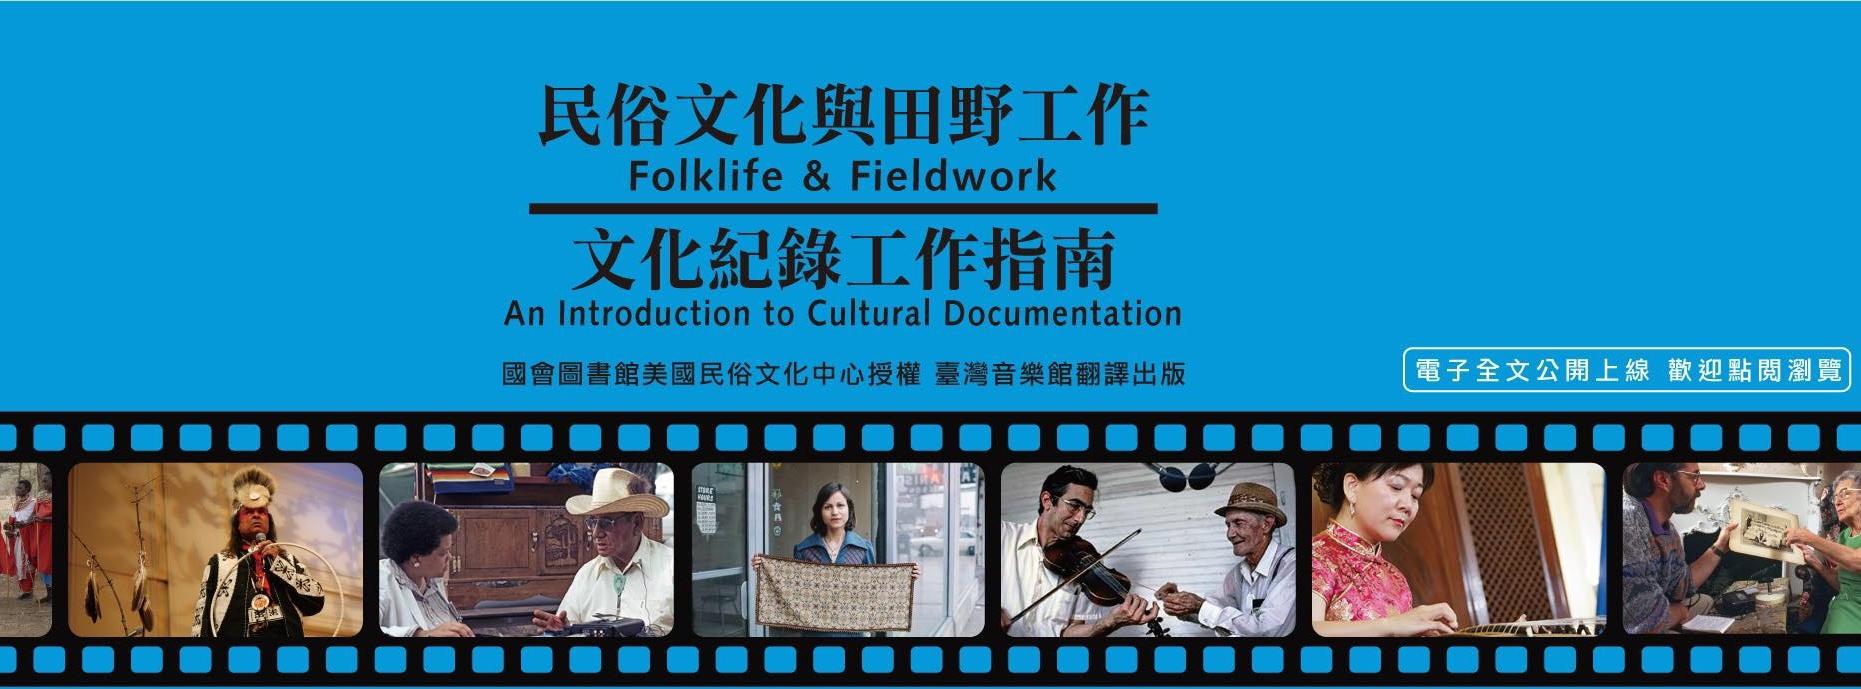 《民俗文化與田野工作:文化紀錄工作指南》電子全文開放瀏覽、下載「另開新視窗」